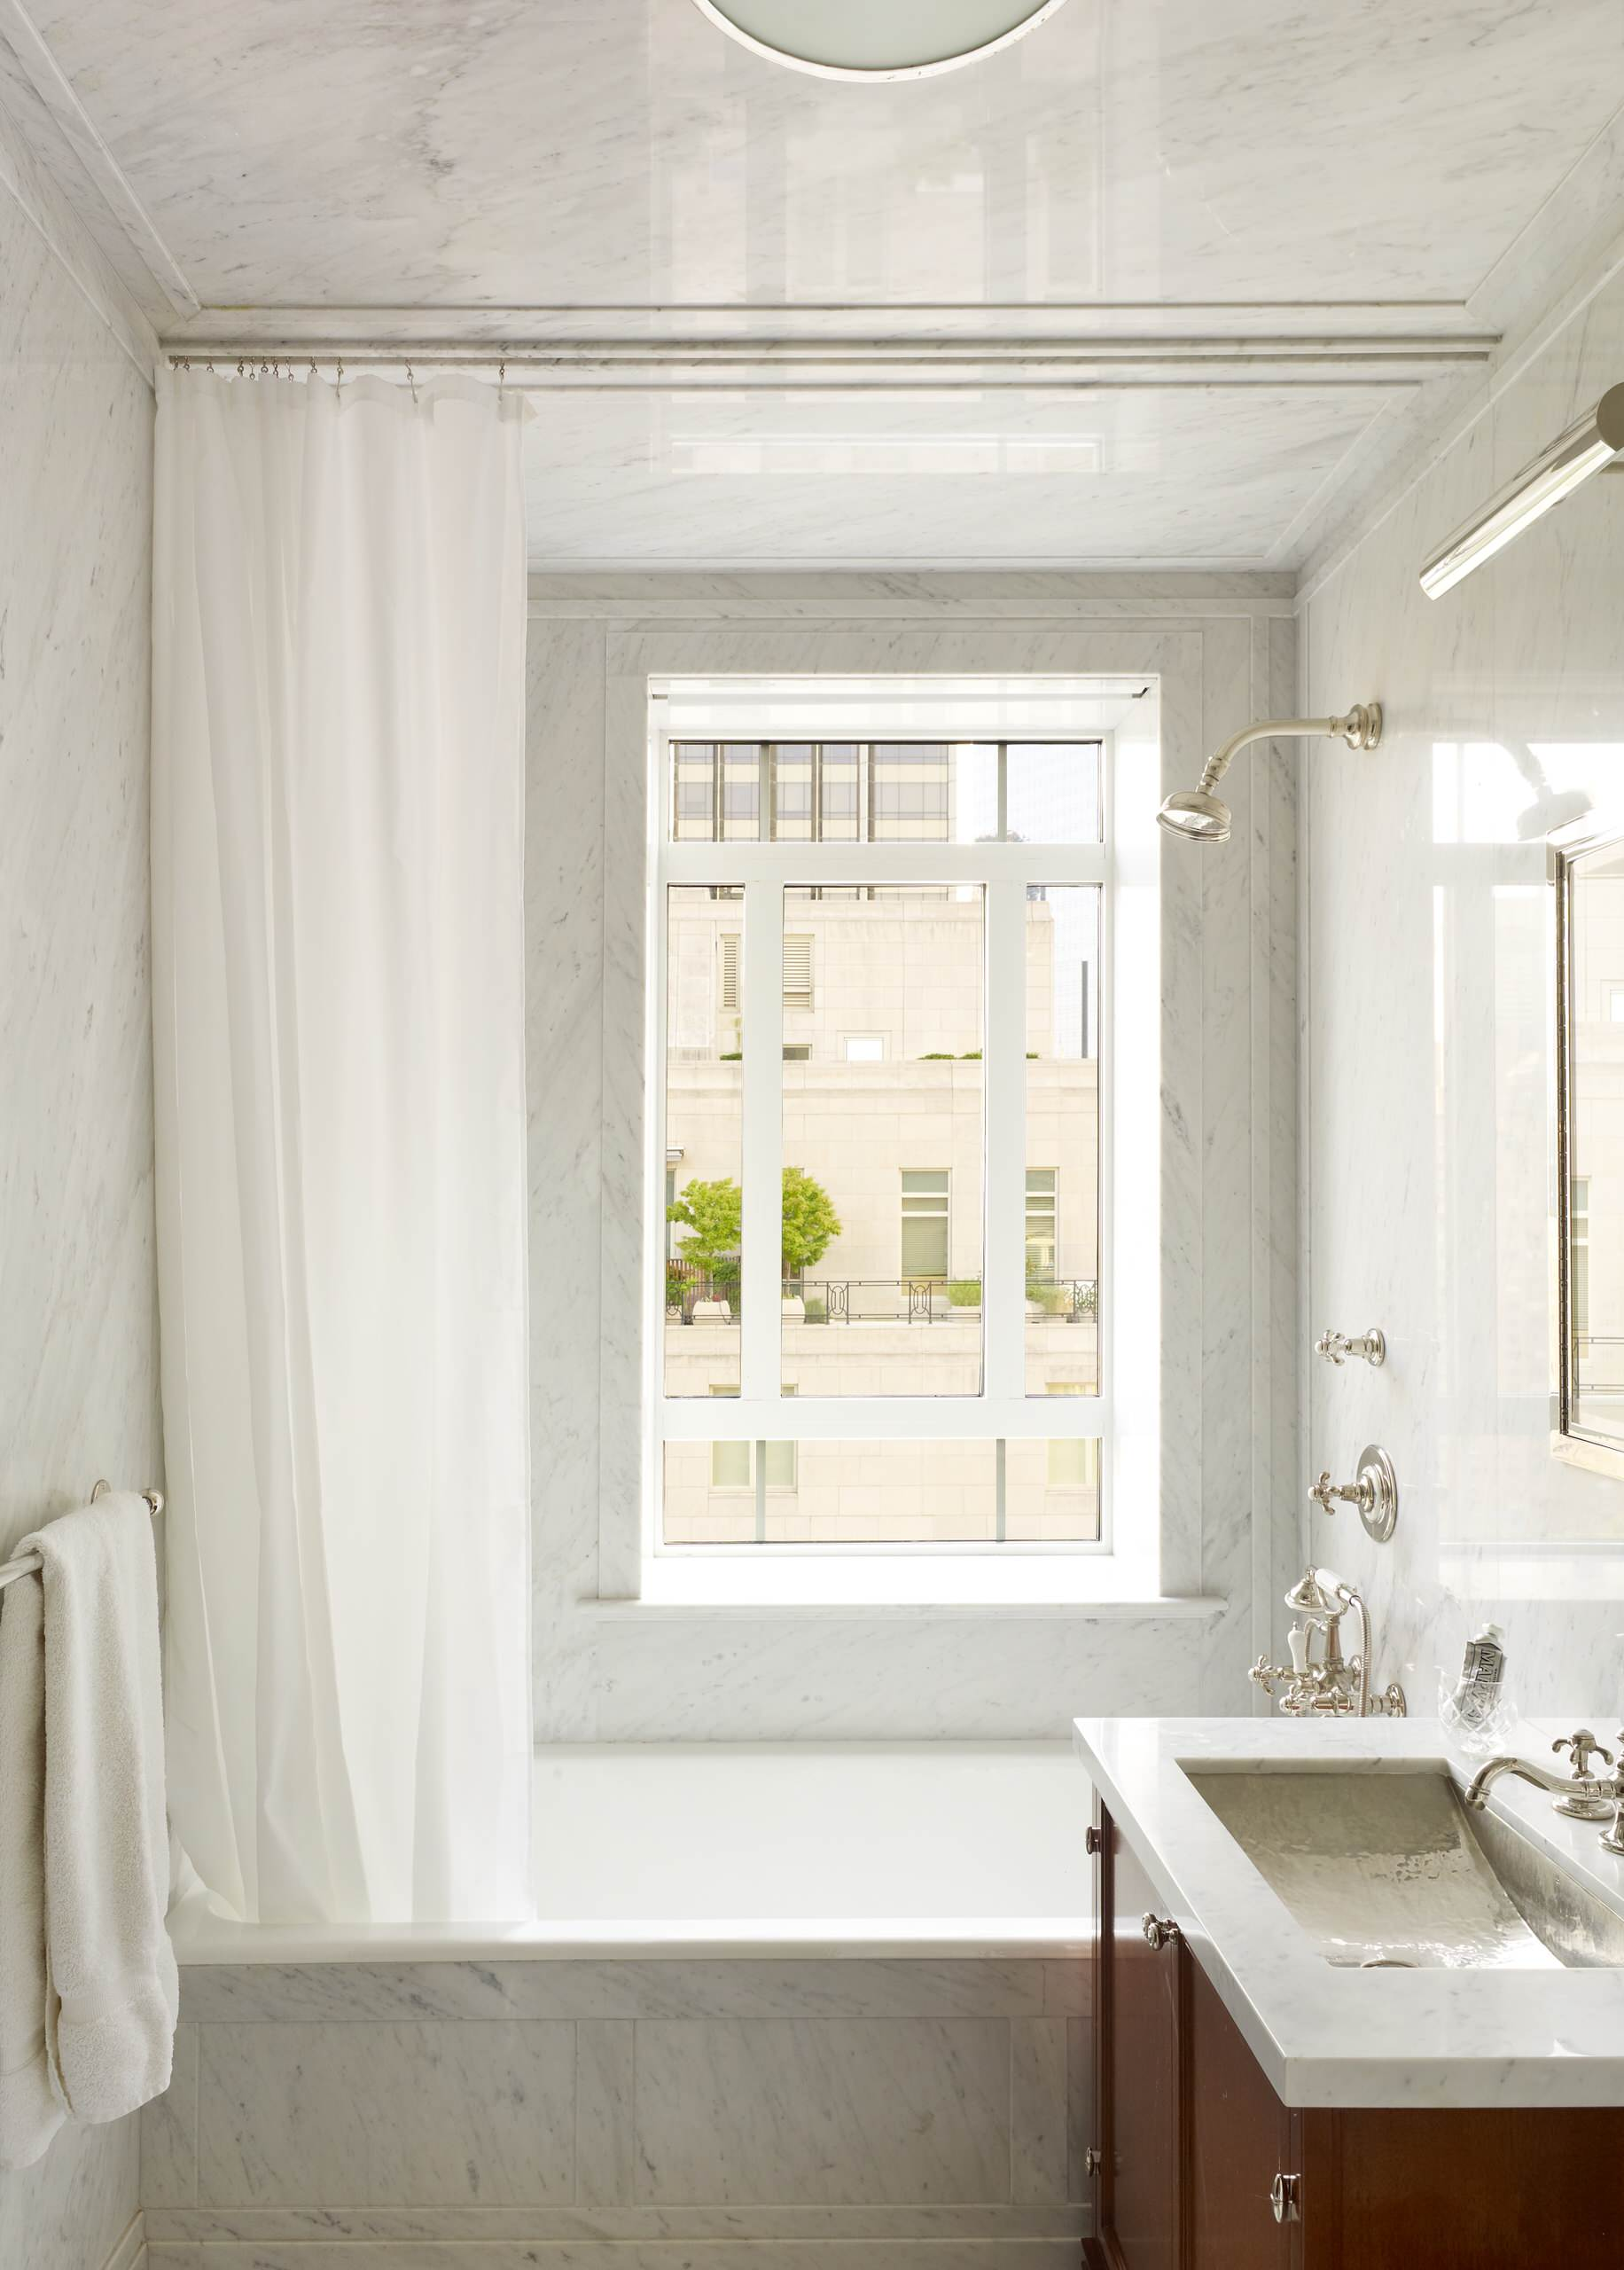 Окно без штор в ванной